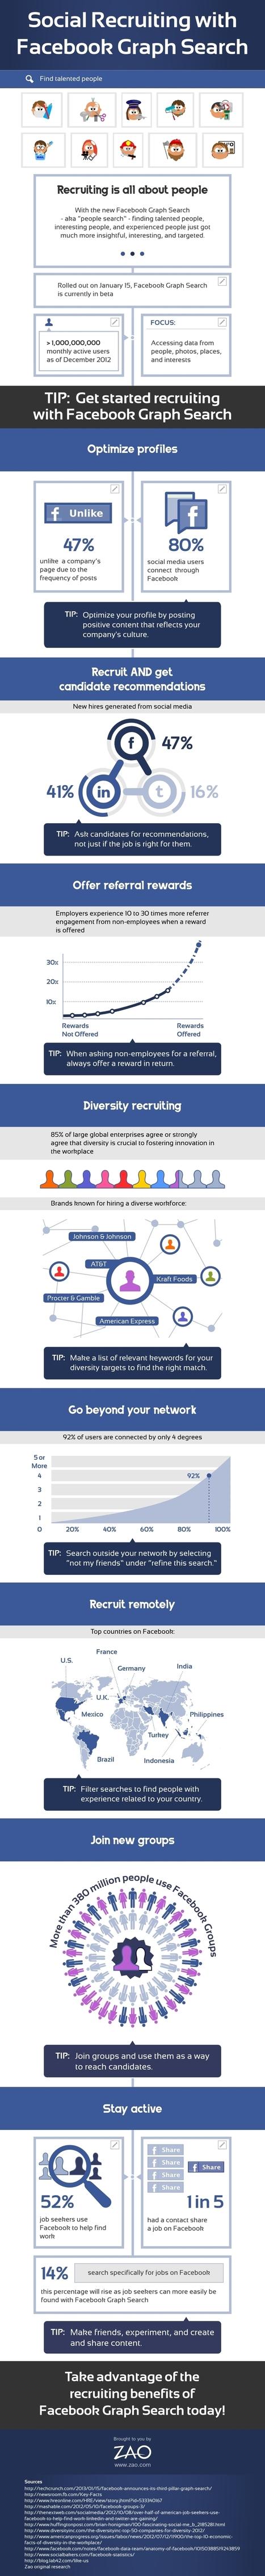 Infographie : Recruter via le Graph Search de Facebook | Le Webmarketeur : Infos et avis sur le Webmarketing | Digital marketing and Webmarketing | Scoop.it